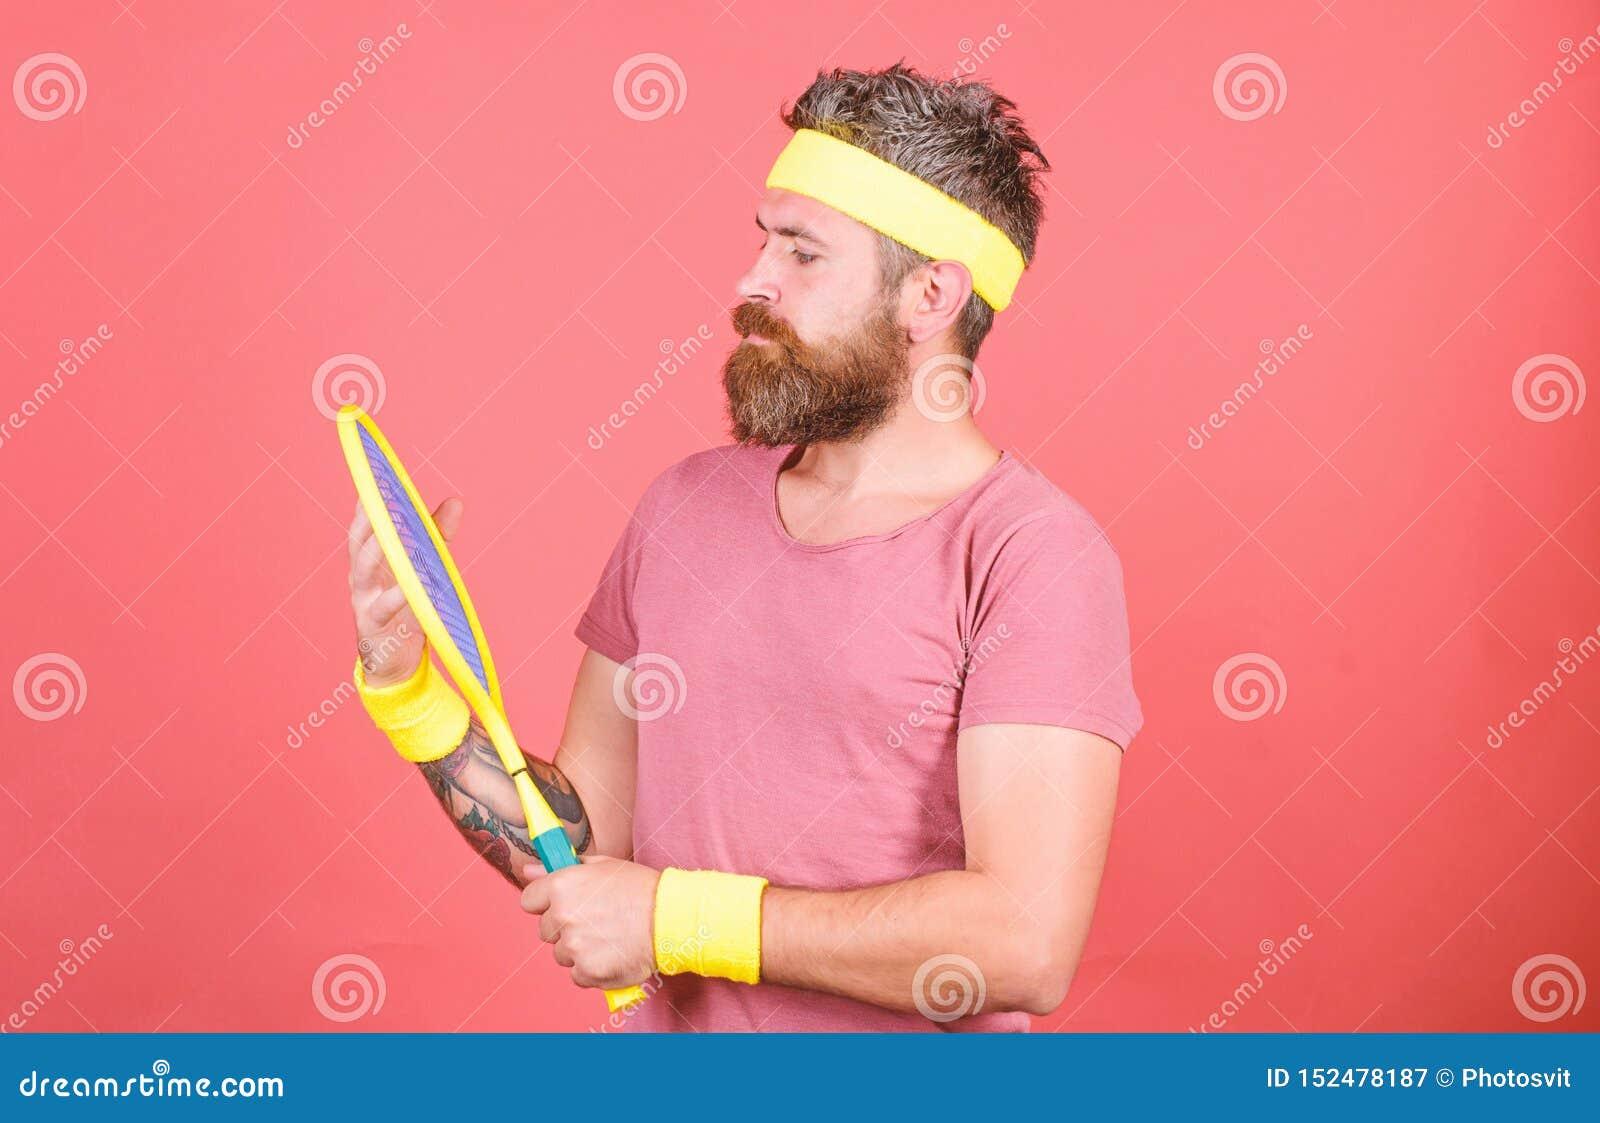 Esporte e entretenimento do t?nis Fundo vermelho da raquete de t?nis da posse do moderno do atleta ? disposi??o T?nis do jogo par